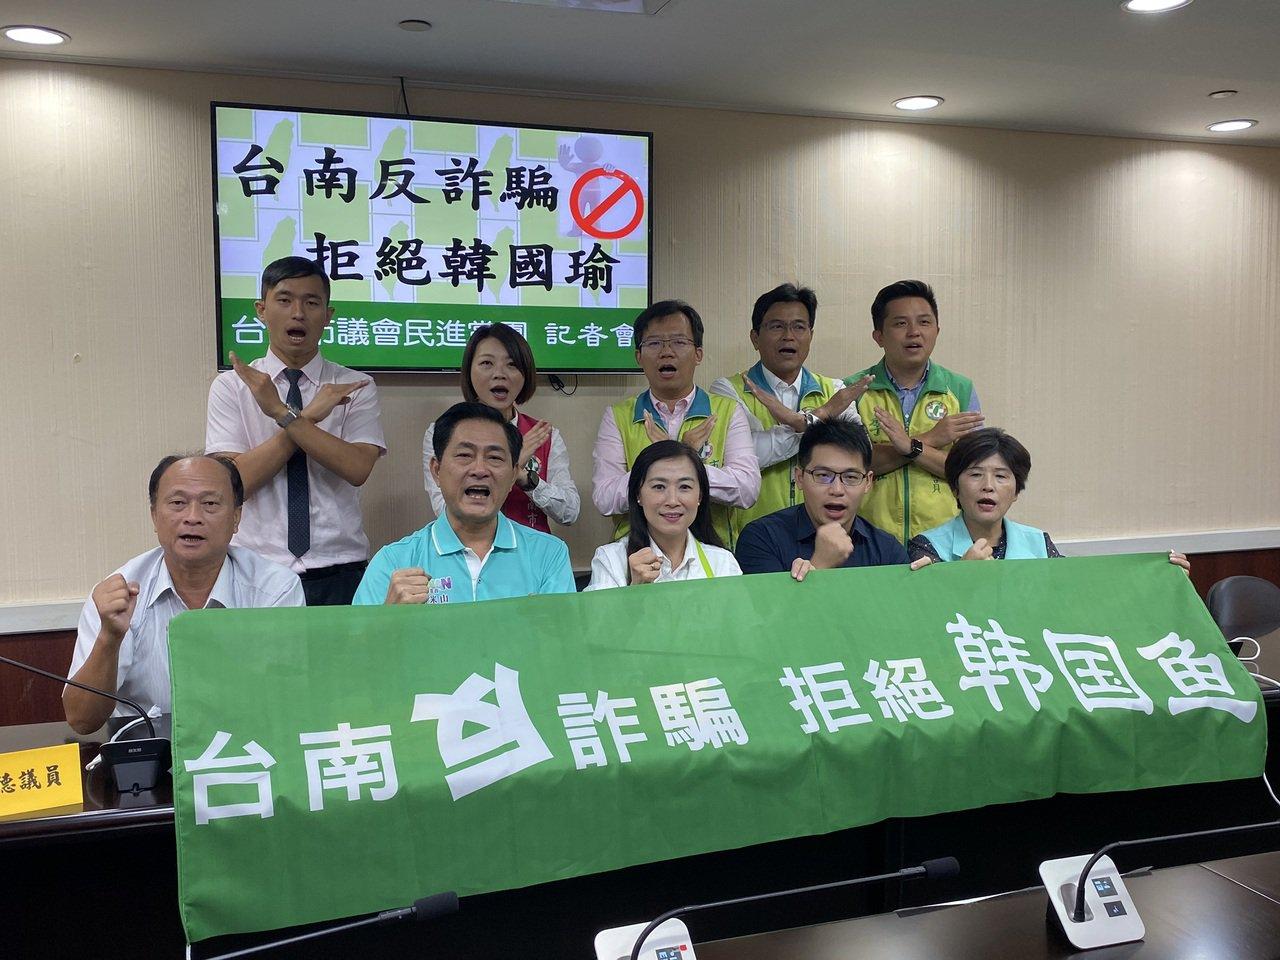 明天韓國瑜將到台南造勢,台南市議會民進黨團表示「台南人拒絕韓國瑜」,將會掛布條抗...